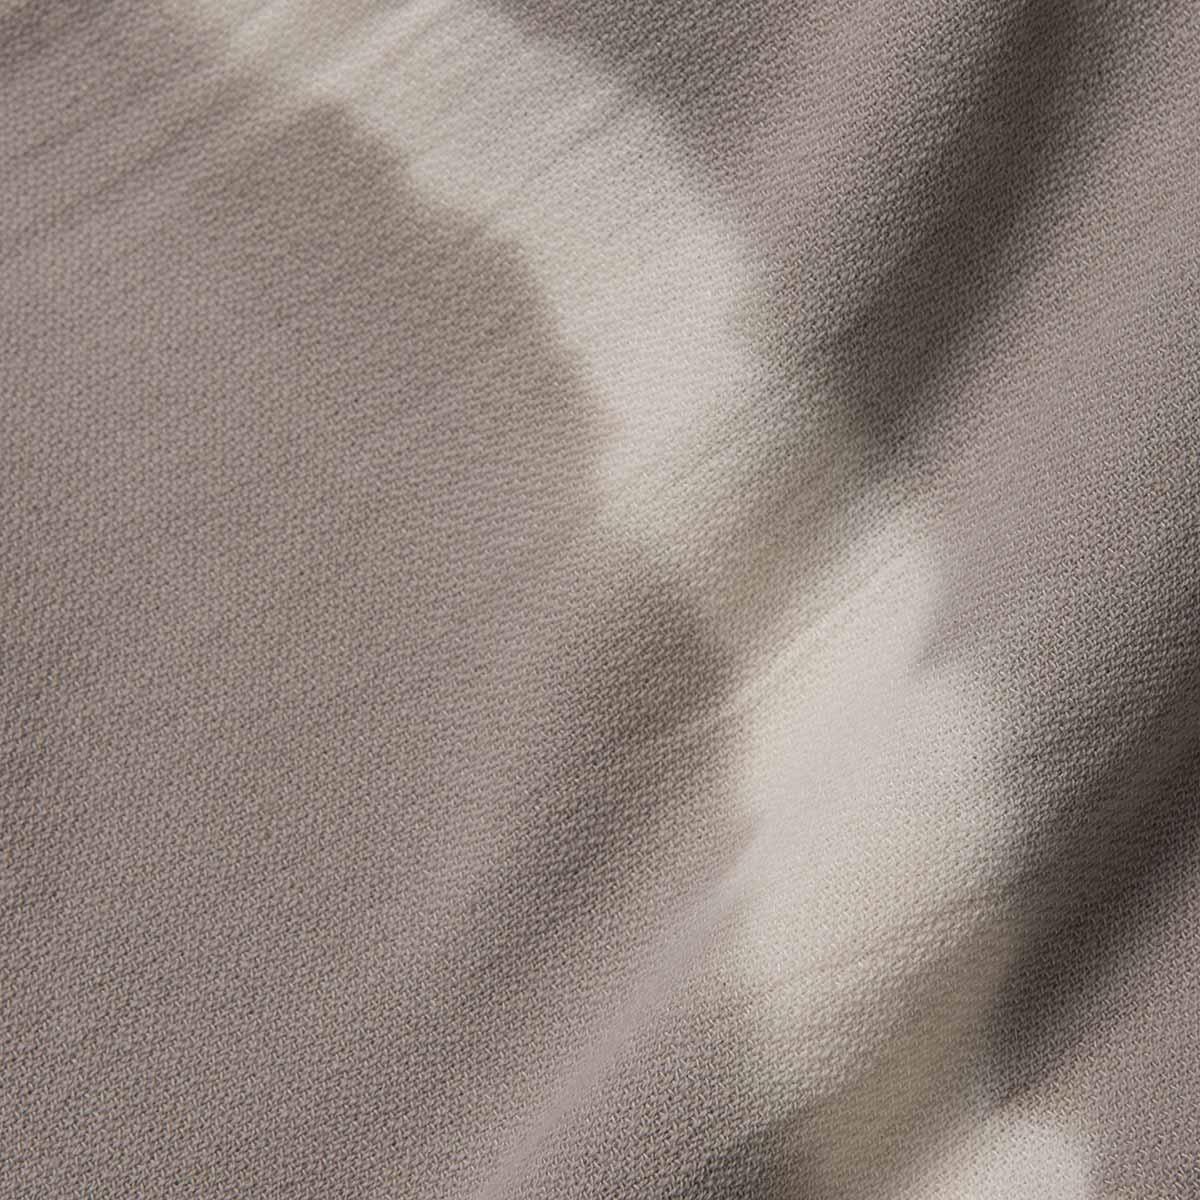 Peshtemal - Tie-Dye / Base Taupe